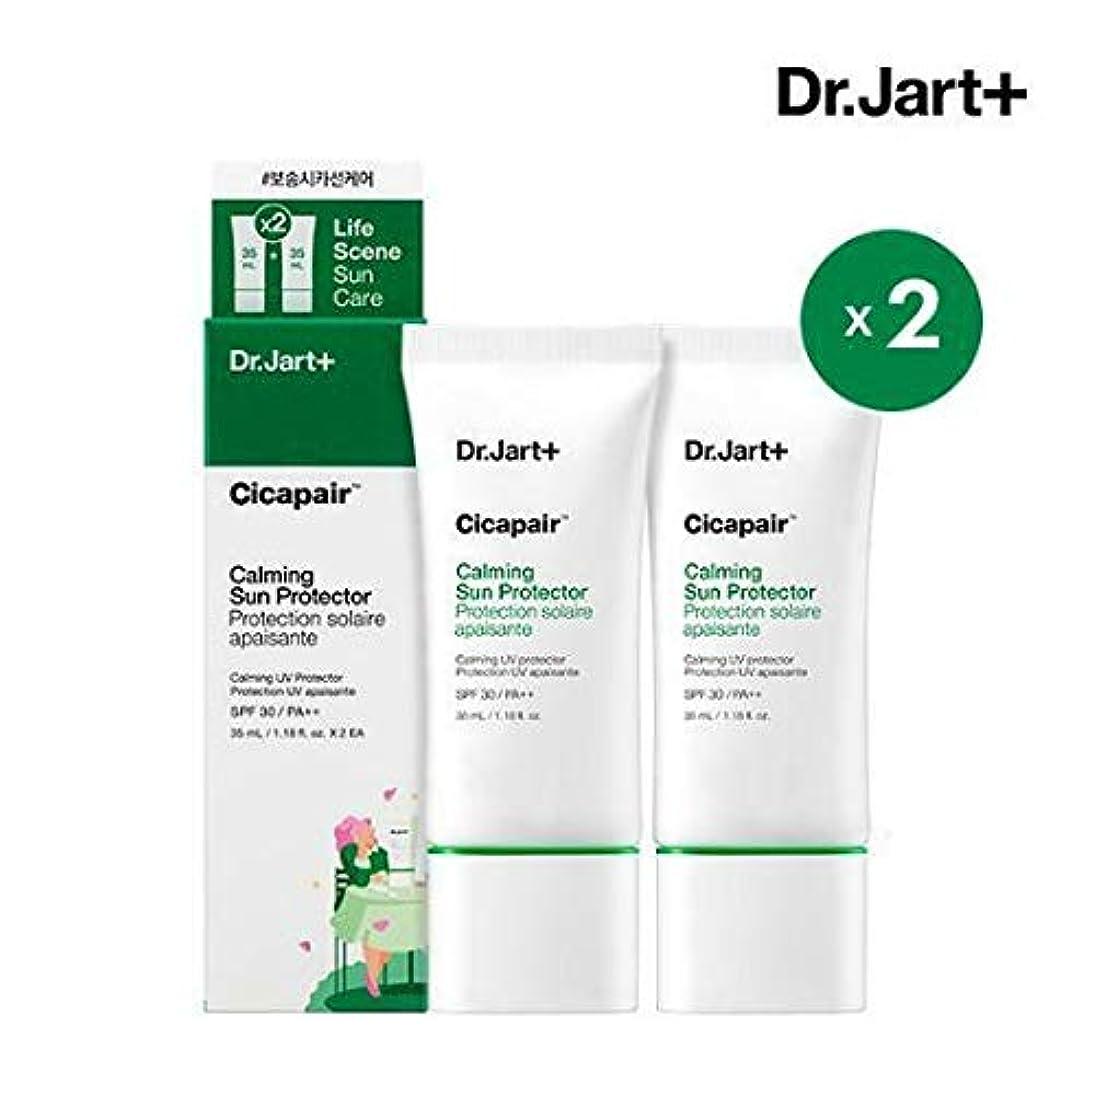 医療過誤遺棄された未知の[1+1] Dr.Jart+ ドクタージャルト シカペアー カーミング サンプロテクター 35ml SPF30 / PA+++ Dr Jart DrJart